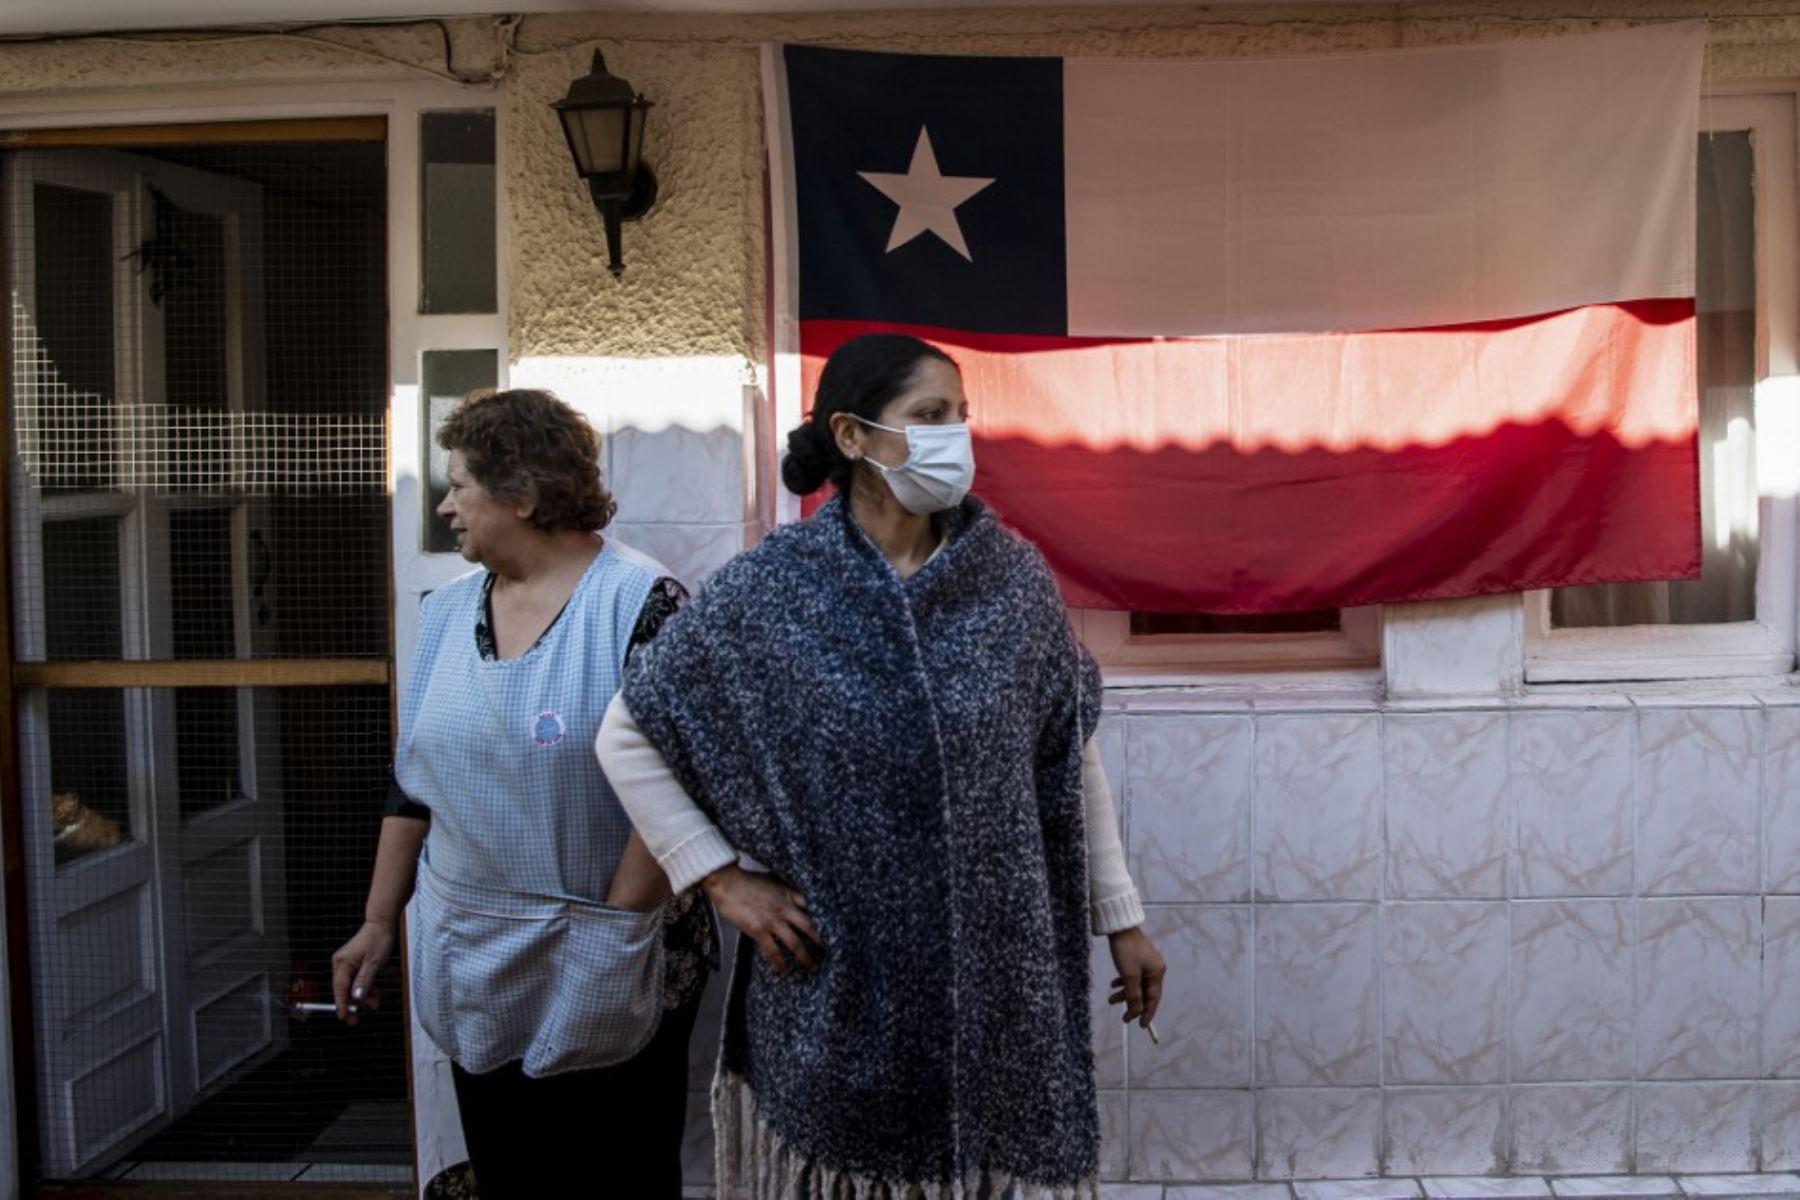 Una familia espera recibir una canasta de alimentos entregado por trabajadores municipales, en Chile. Foto: AFP